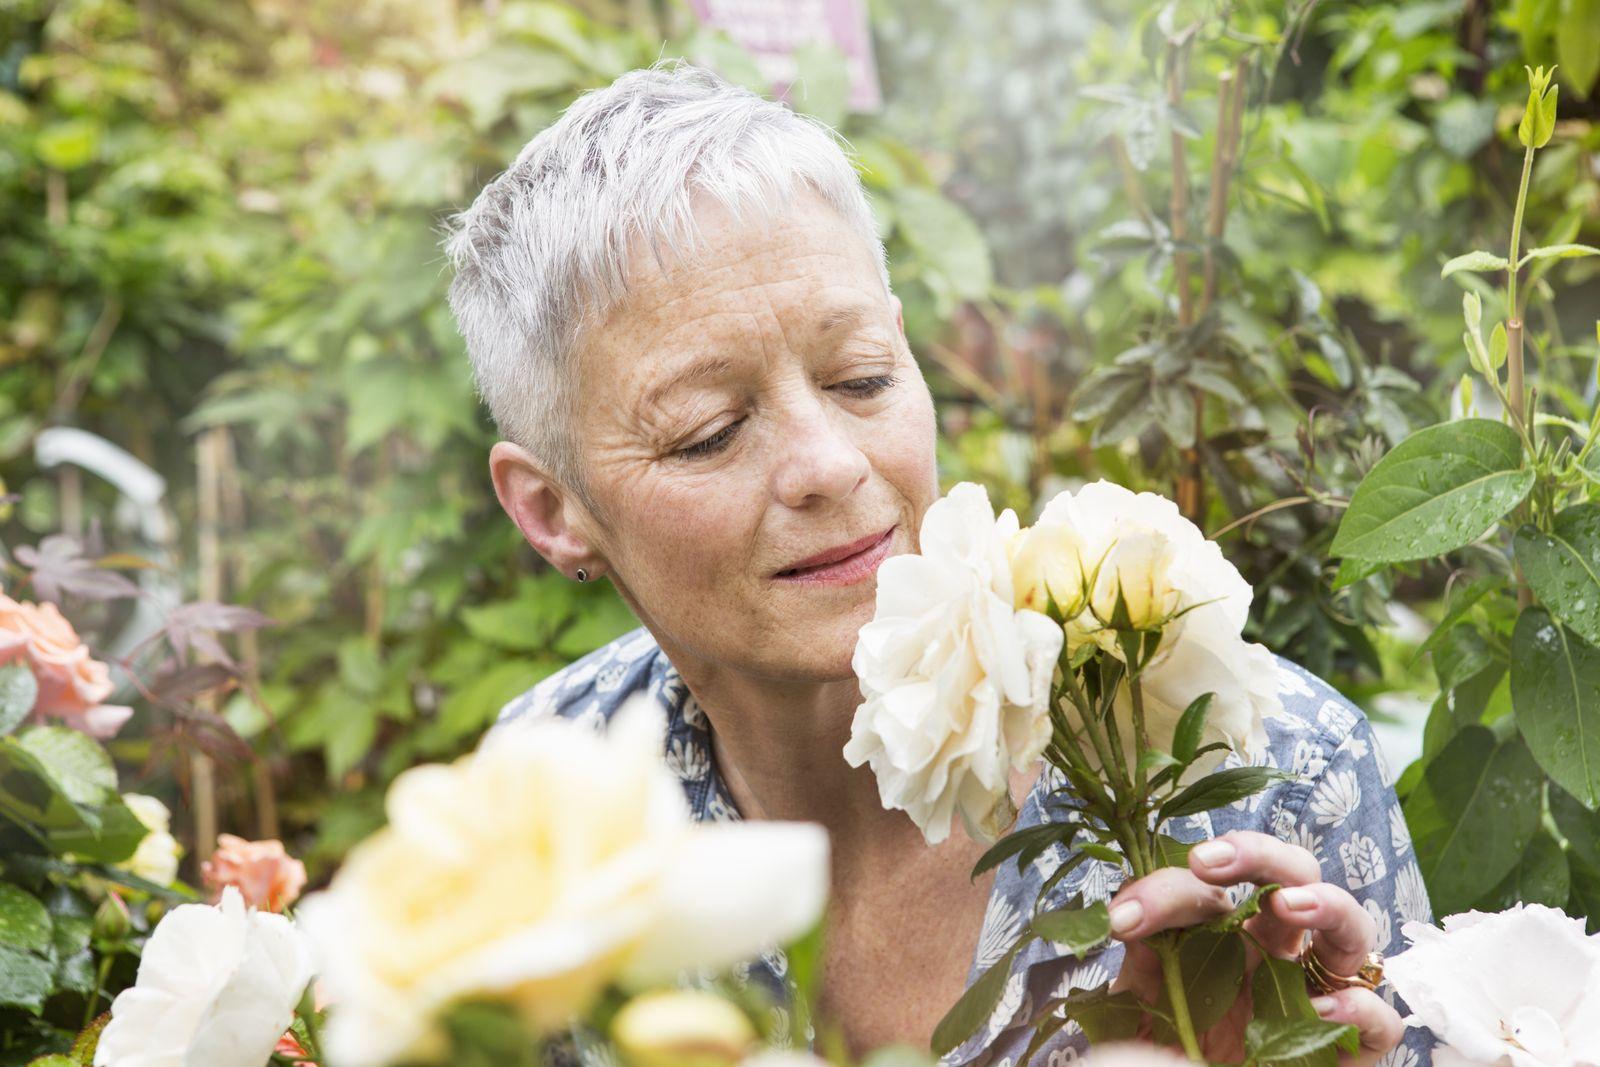 NICHT MEHR VERWENDEN! - Geruch/ Senioren/ Rose